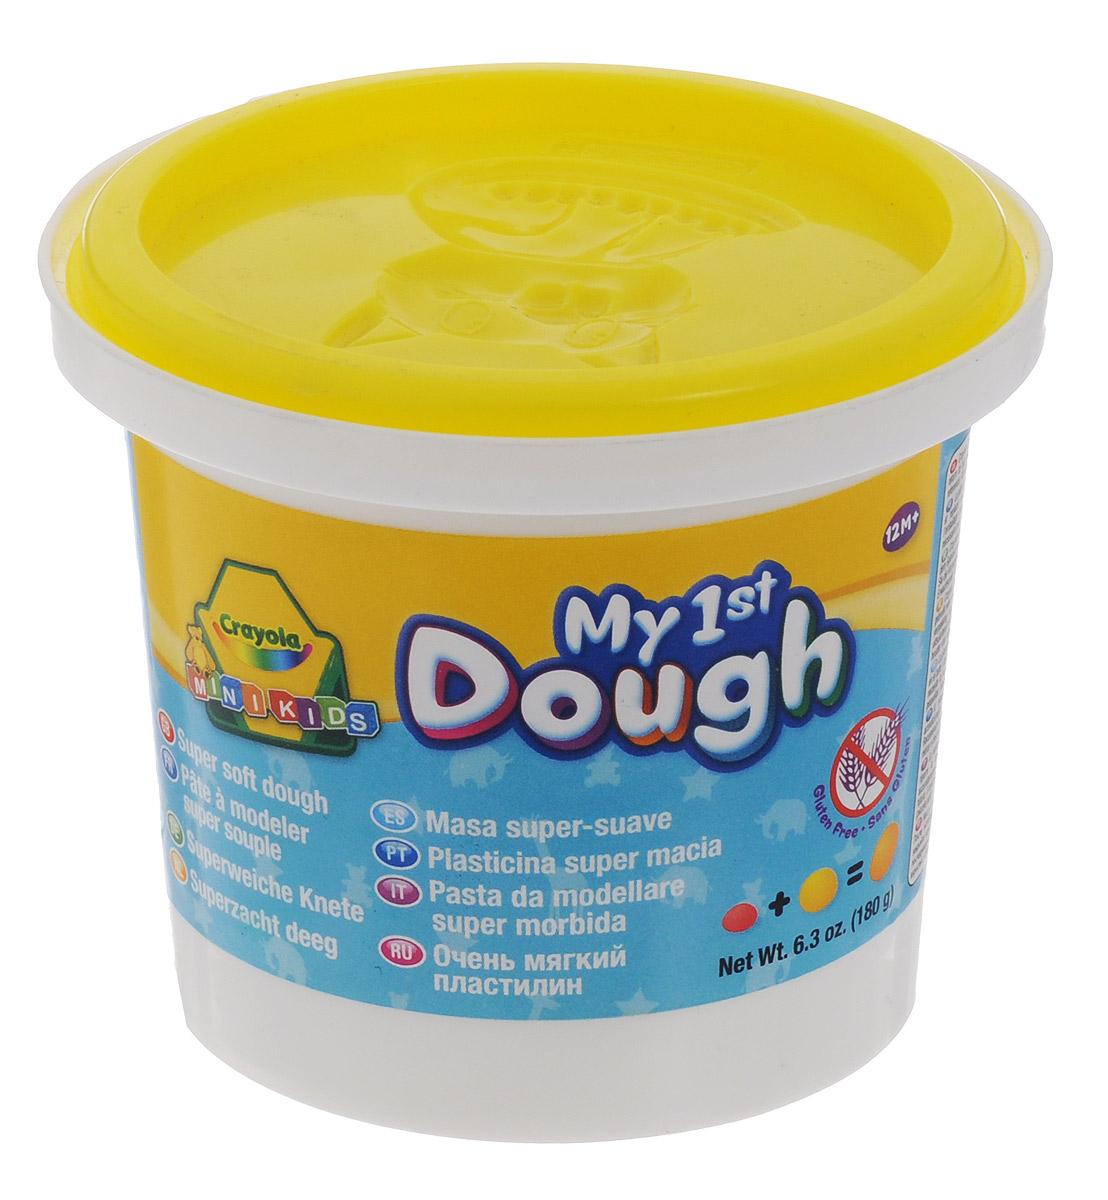 Crayola Масса для лепки My 1st Dough Котенок цвет желтый7945_котенок, желтыйМасса для лепки Crayola My 1st Dough. Котенок предназначенная для лепки и моделирования. Масса поможет малышу развить творческие способности, воображение и мелкую моторику рук. Пластилин очень мягкий, хорошо мнется и быстро высыхает. Окрашен безопасным красителем. В крышке имеется формочка с изображением котенка. Лепка из пластилина - необычайно занимательный процесс не только для детей, но и для взрослых.